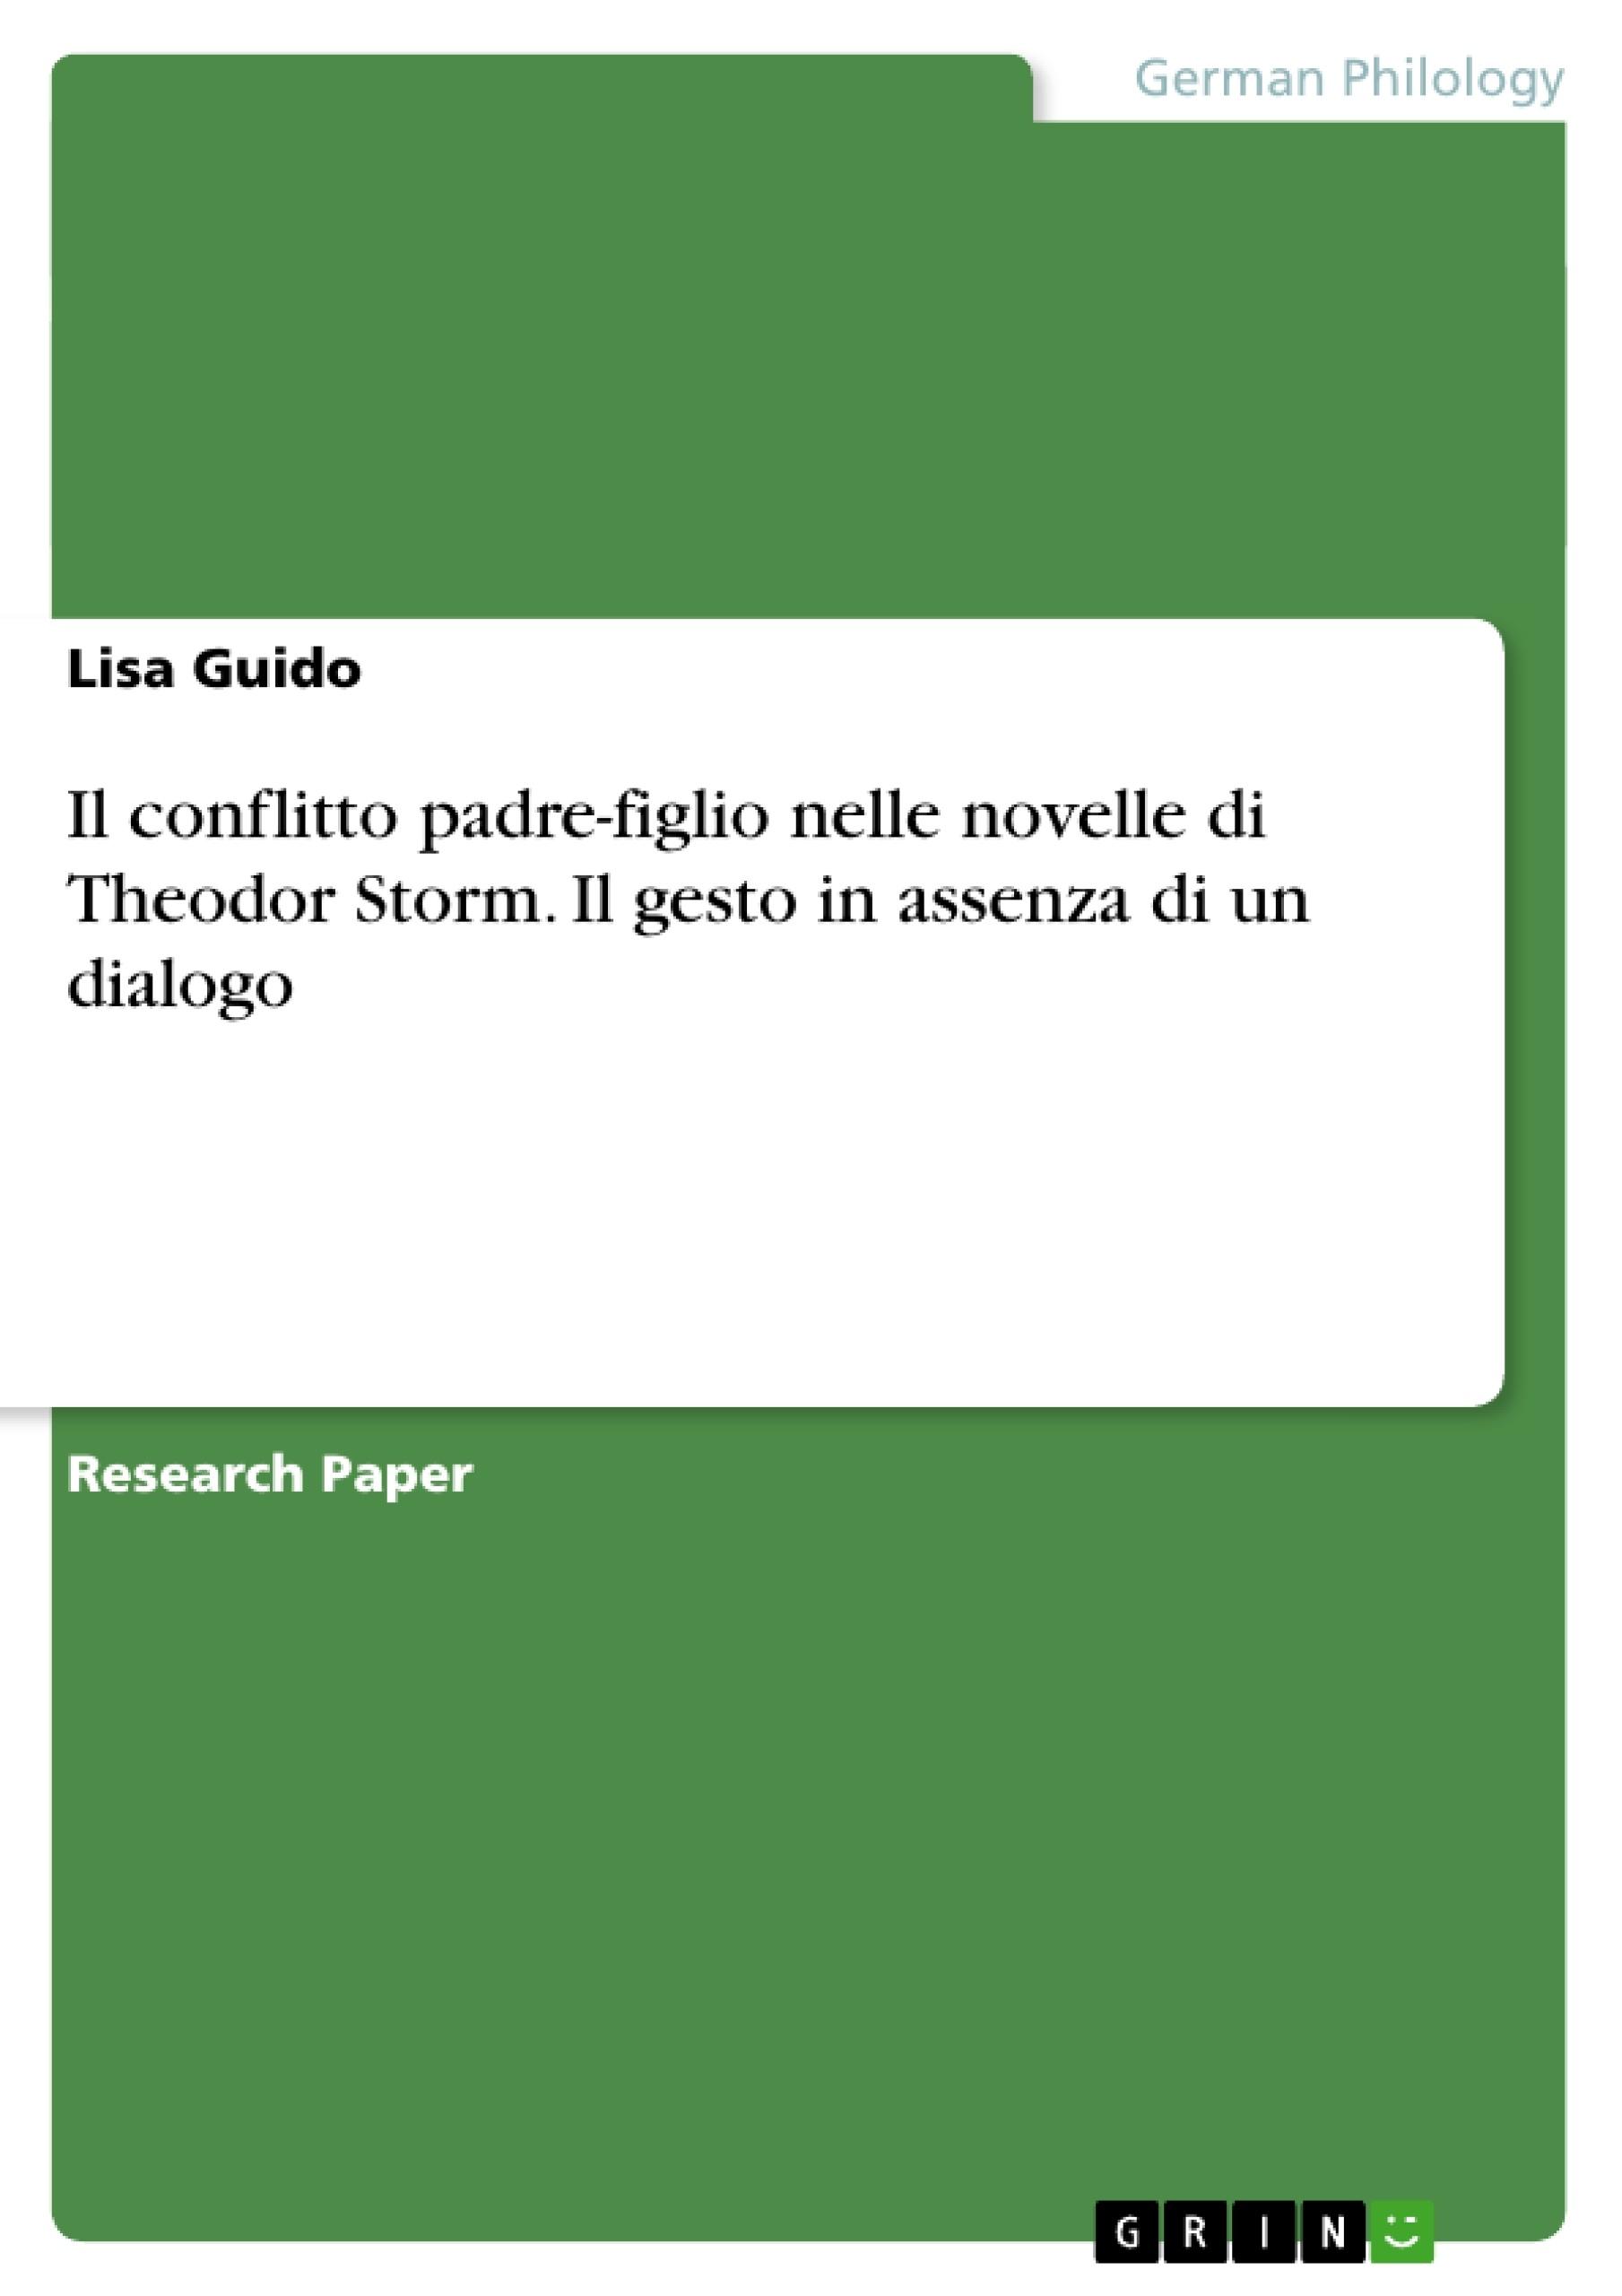 Title: Il conflitto padre-figlio nelle novelle di Theodor Storm. Il gesto in assenza di un dialogo